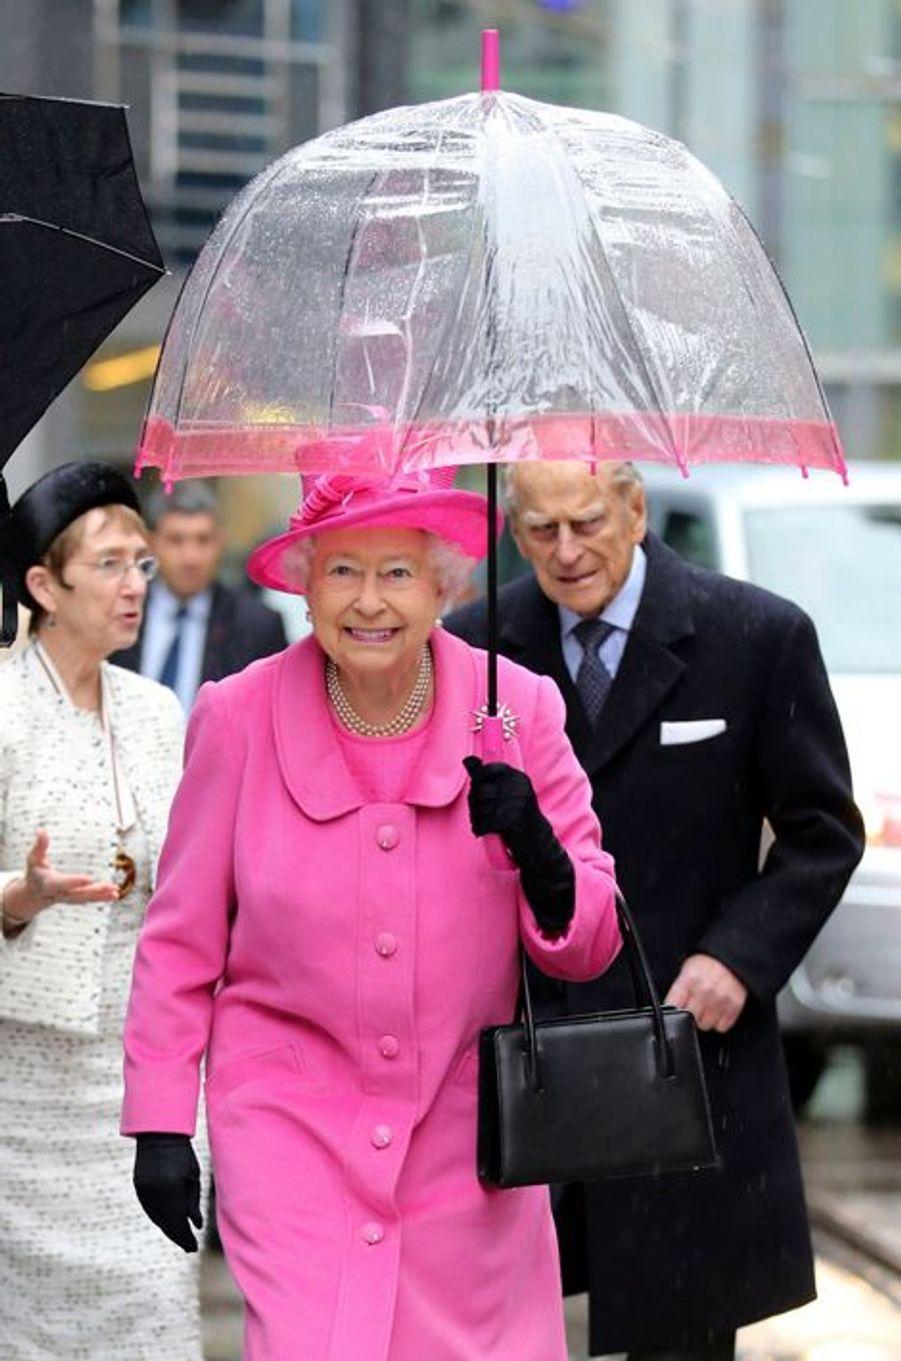 La reine Elizabeth II et le prince Philip à Birmingham, le 19 novembre 2015